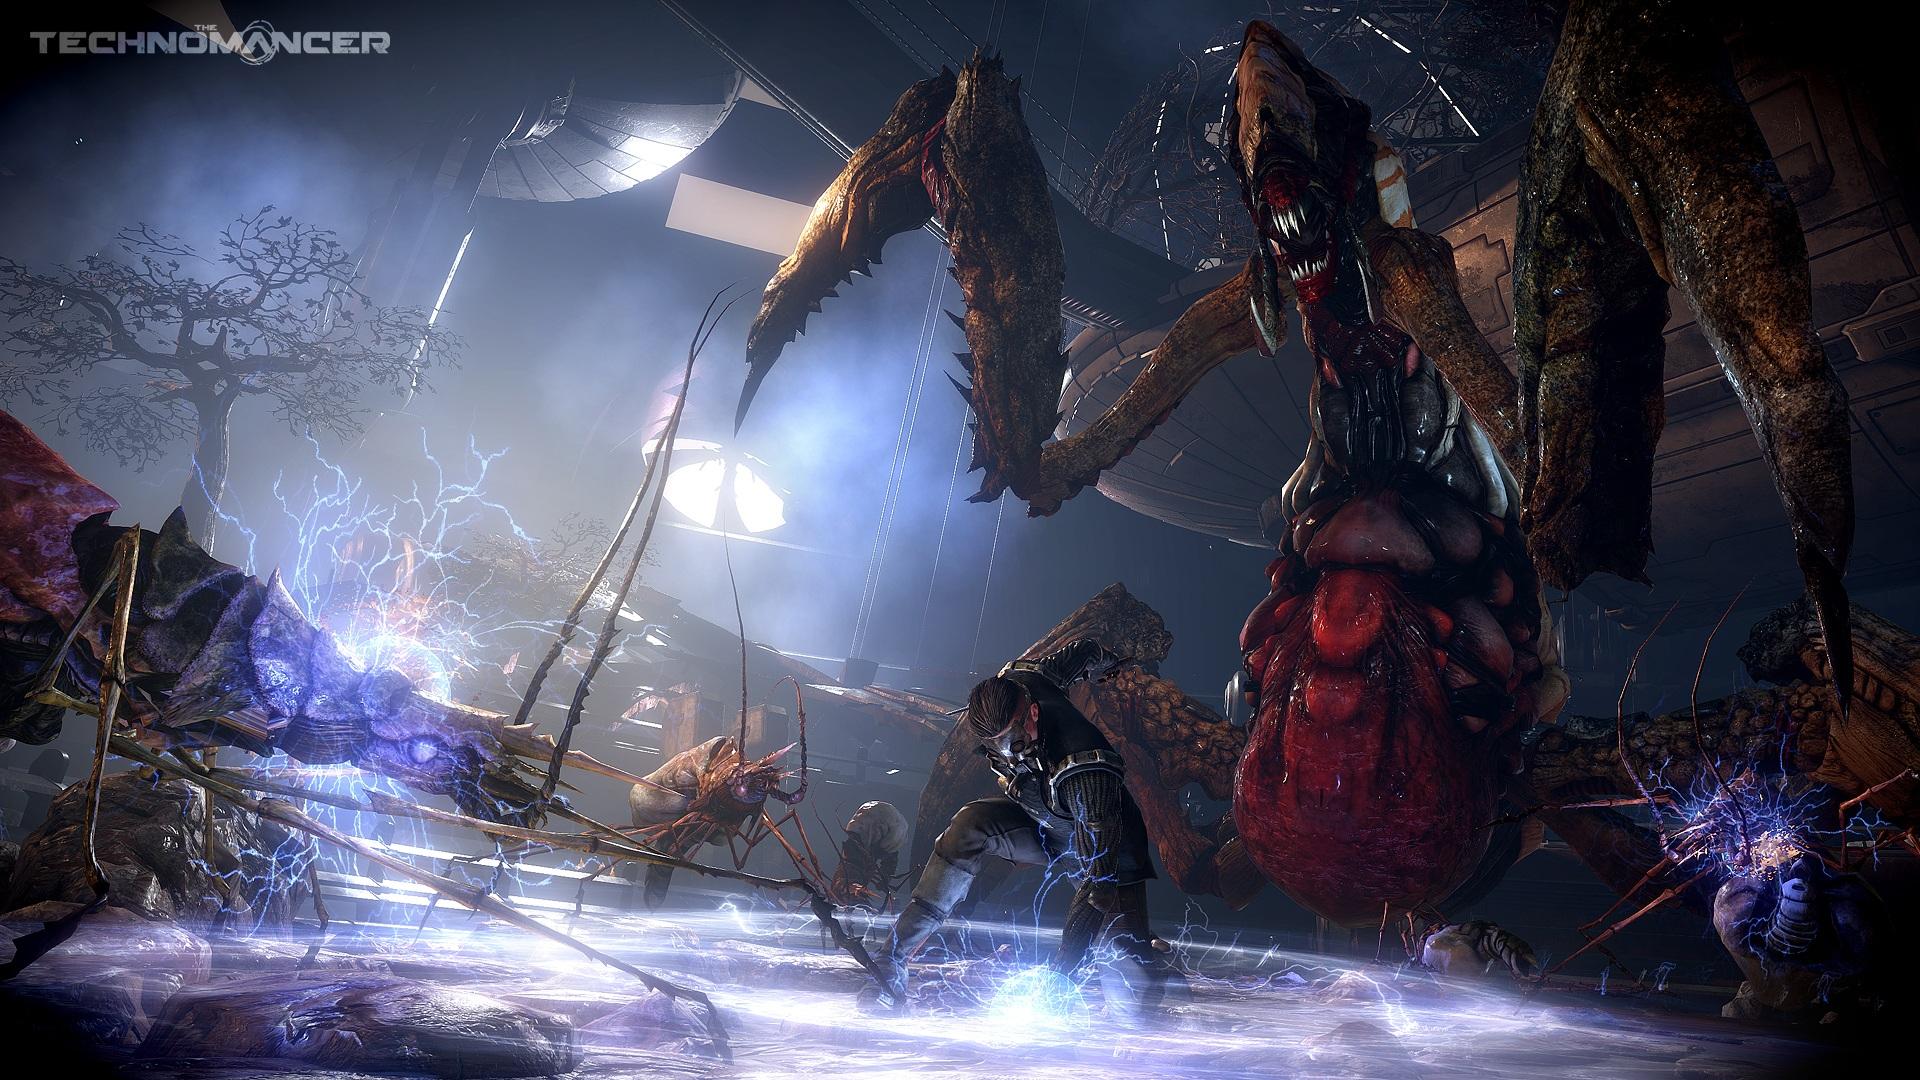 Nové obrázky ze sci-fi RPG titulu The Technomancer 112047